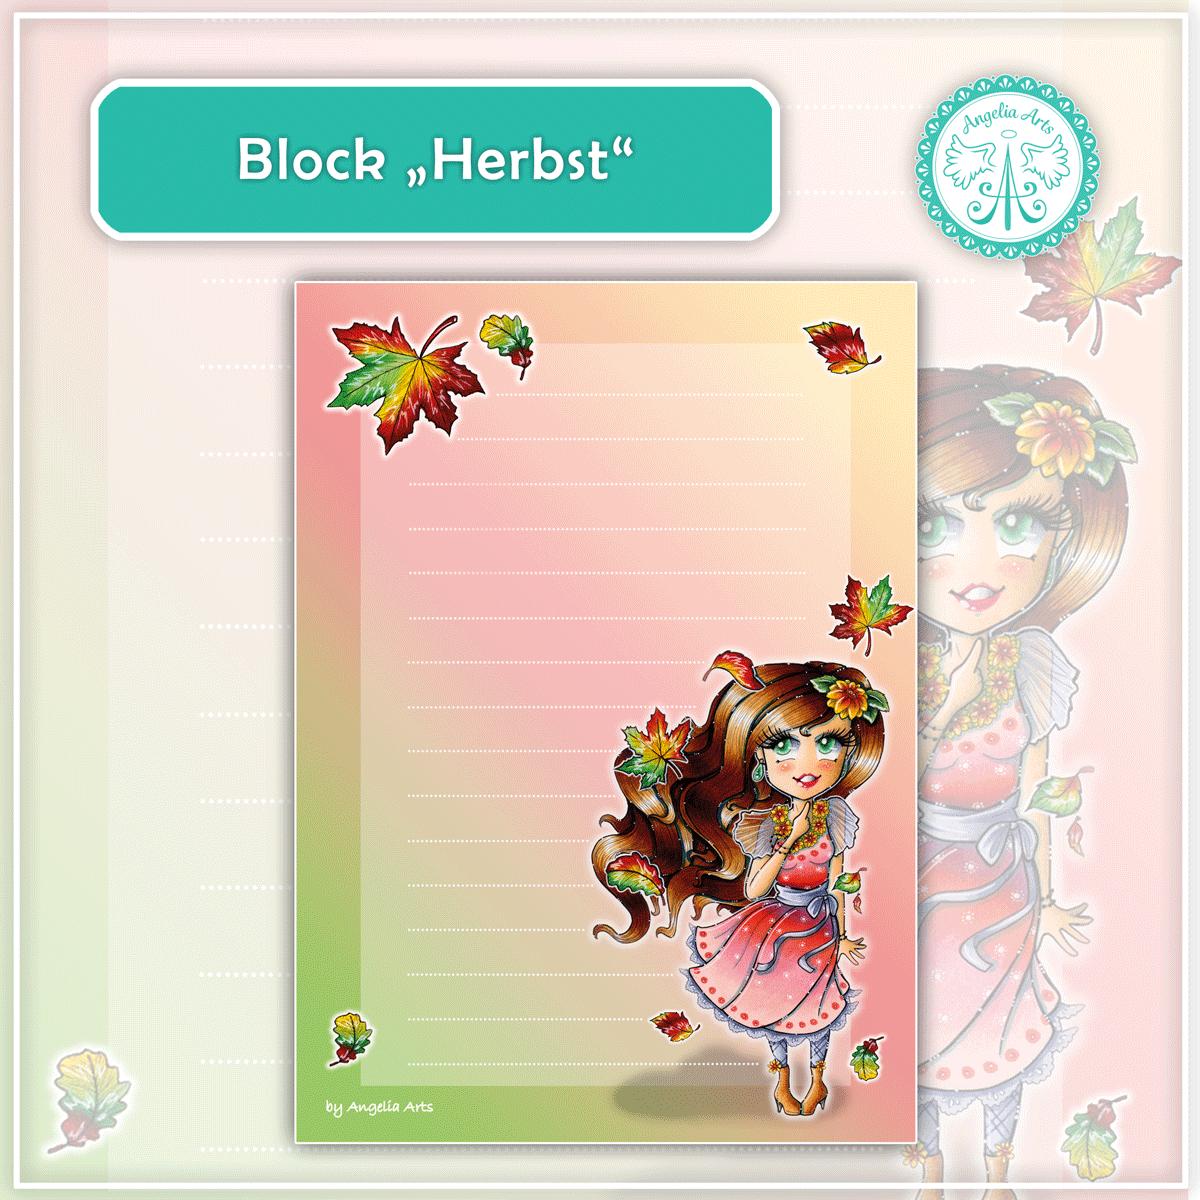 Block-Herbst